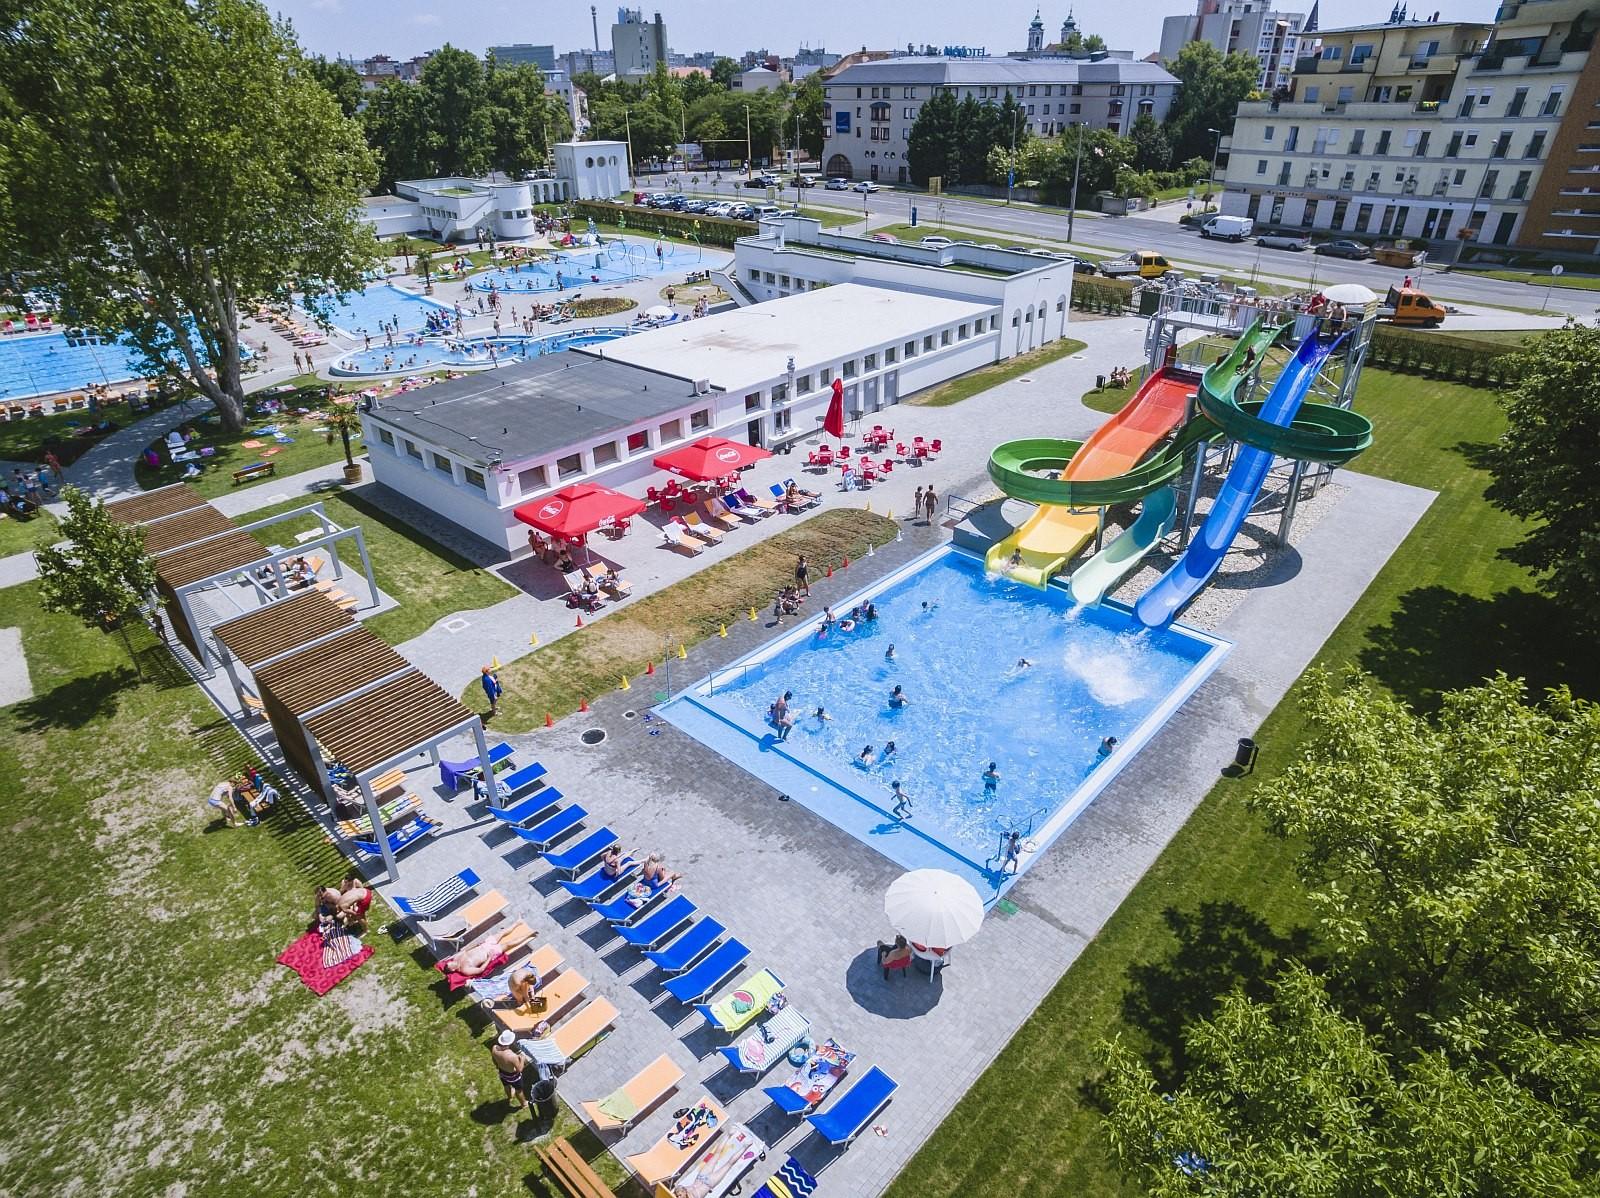 Holnap nyit a strand - csúszdák és vizes játszótér is várja a székesfehérváriakat